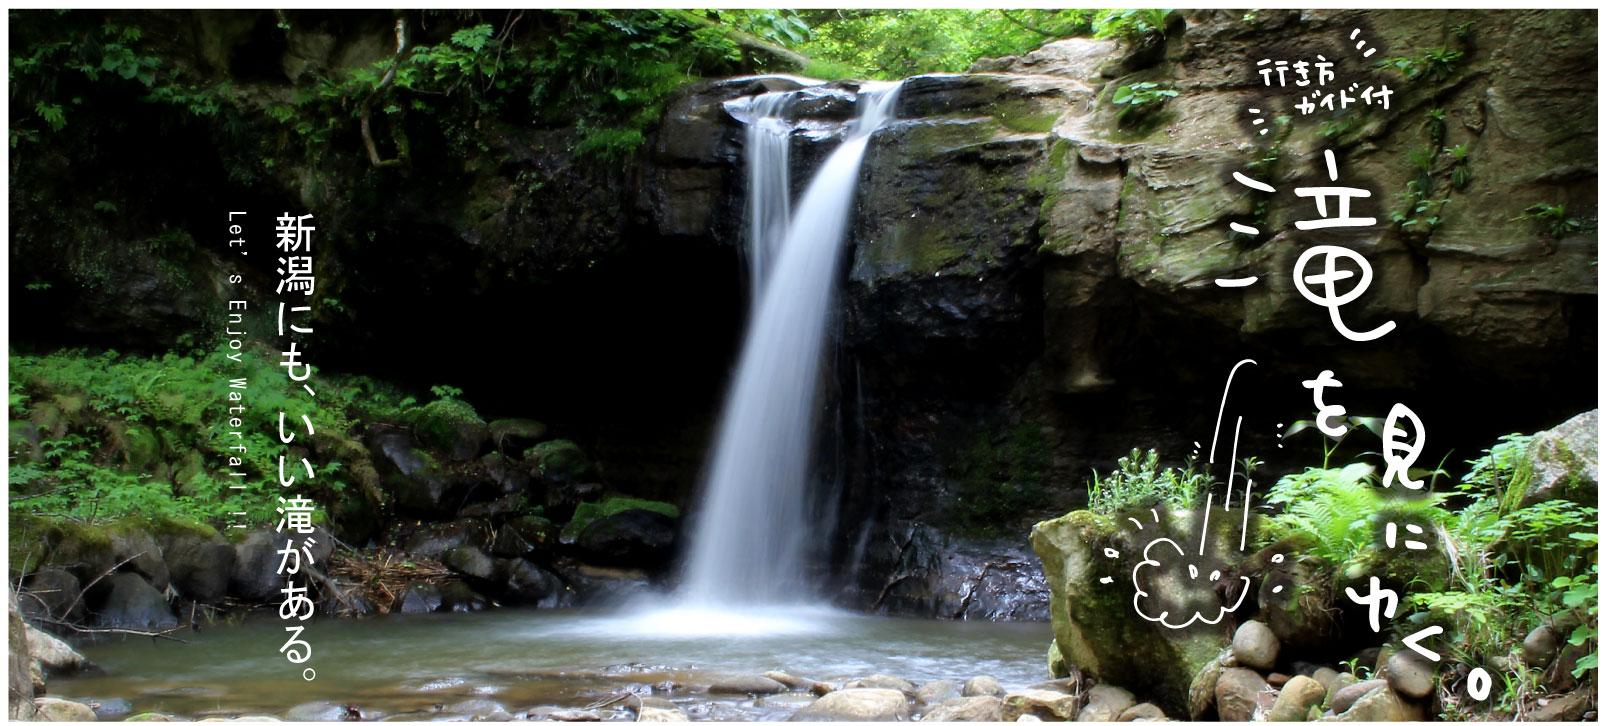 新潟にもいい滝がある。